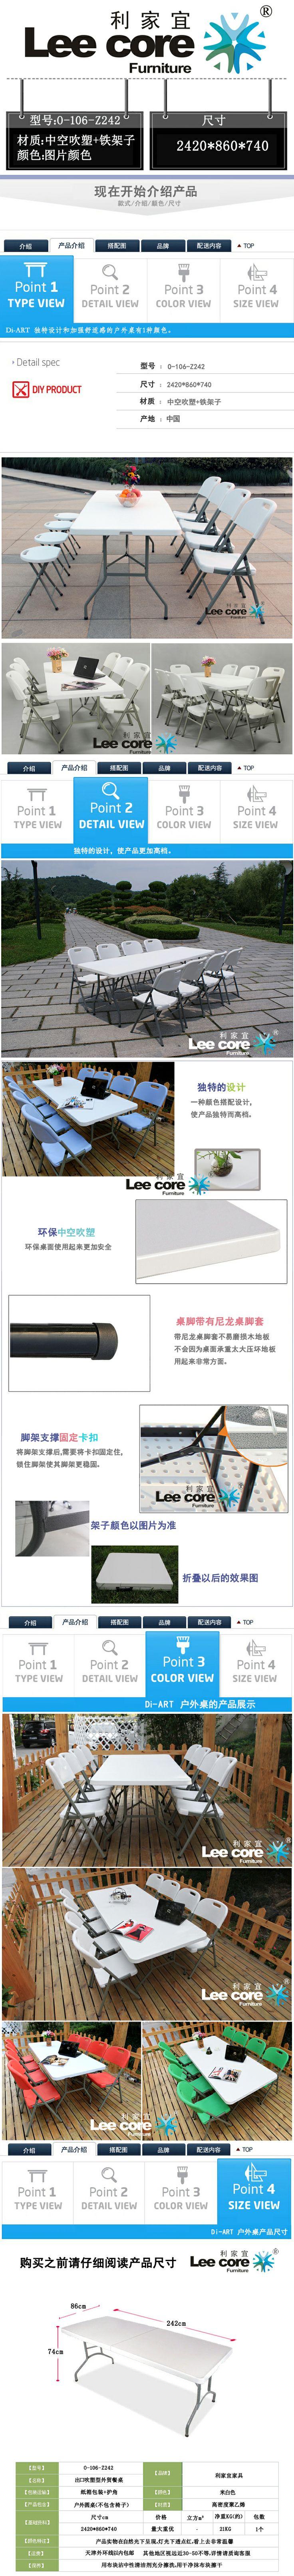 [Цзянсу, Чжэцзян] досуг на свежем воздухе складные столы складные стол складной длинный стол корпоративное обучение - Taobao